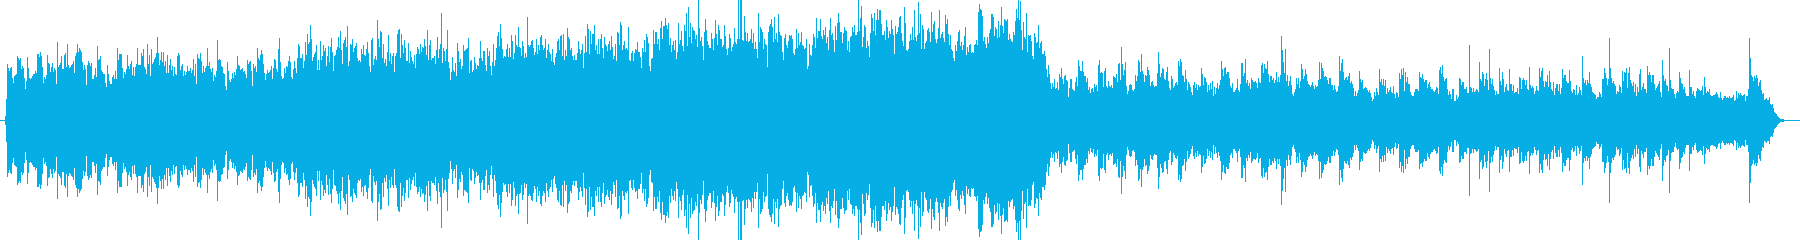 どこか和風なオーケストラ曲の再生済みの波形